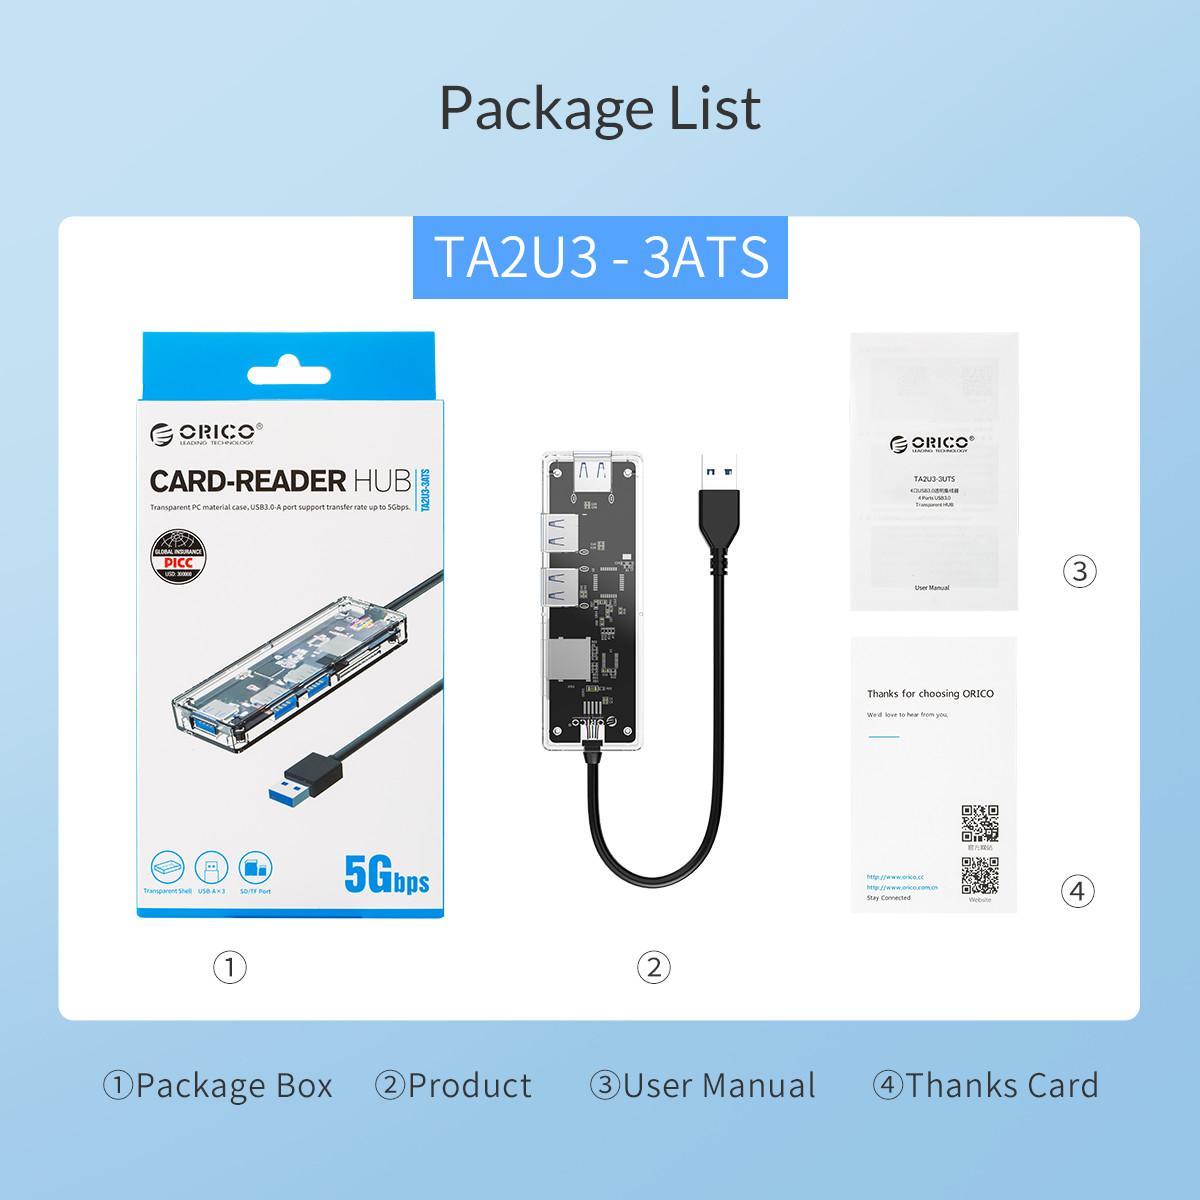 TA2U3-3ATS